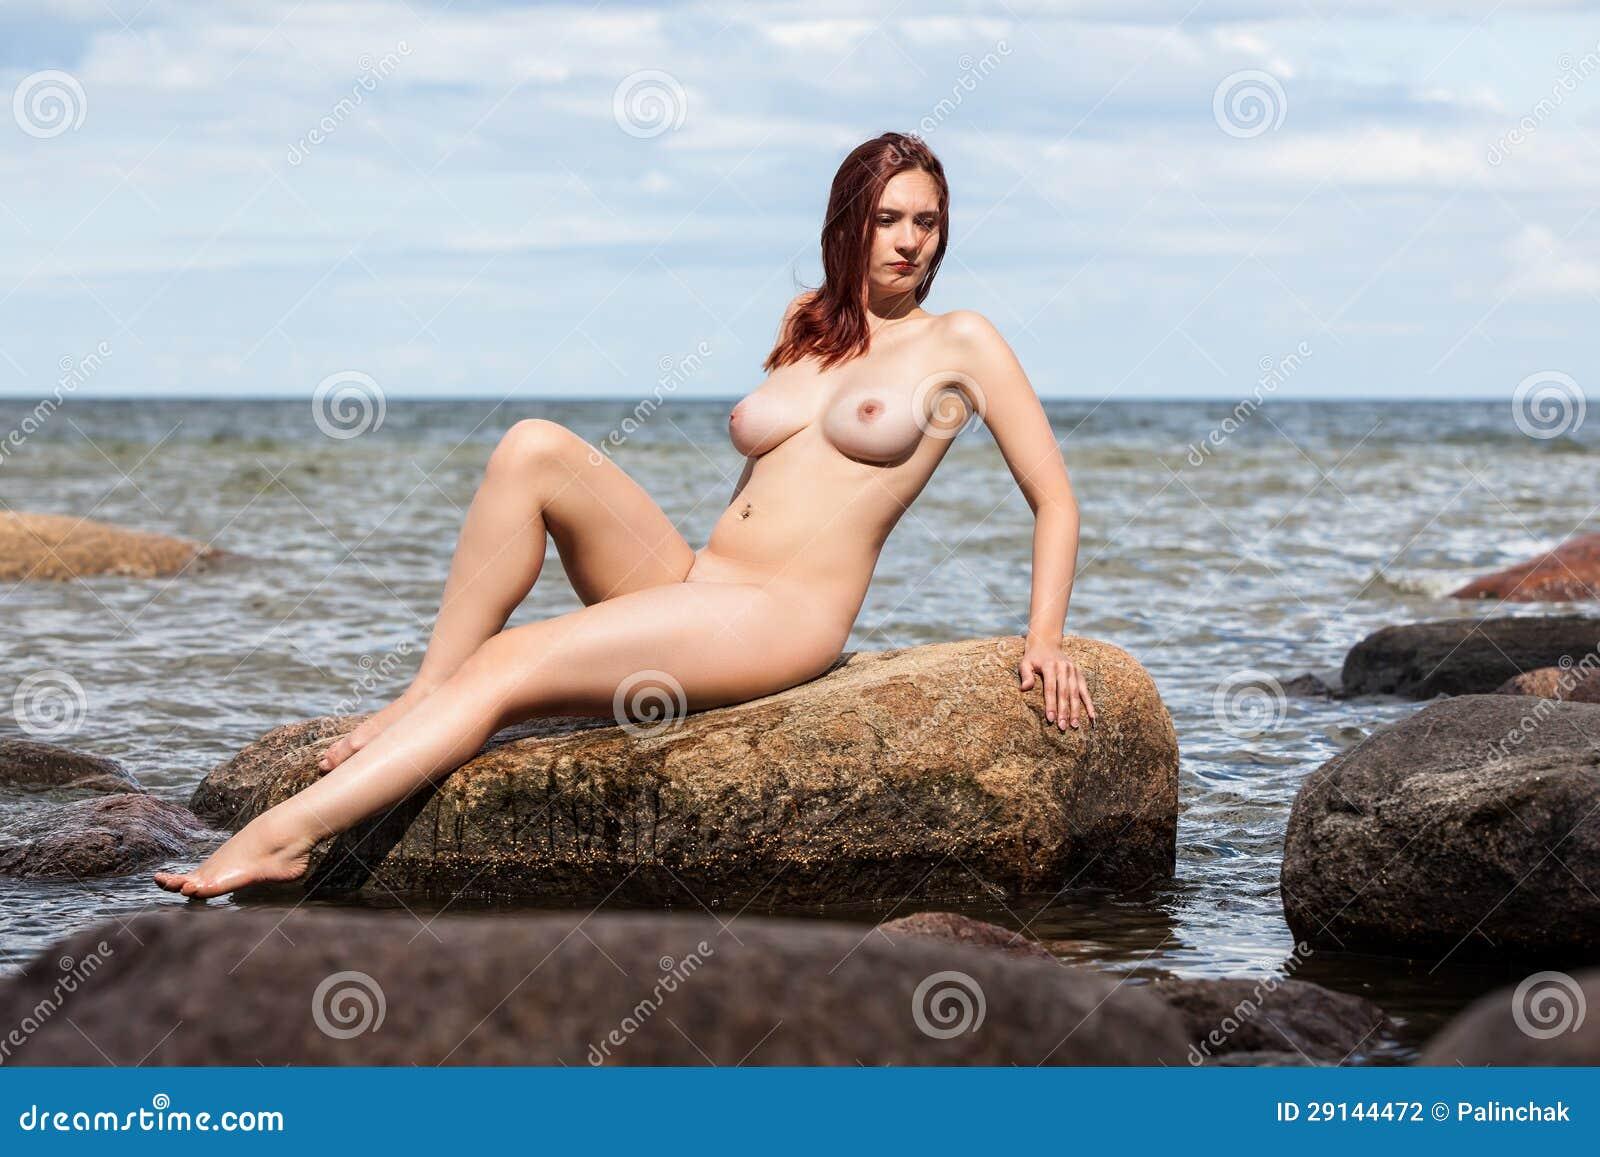 Сидит голая женщина 14 фотография